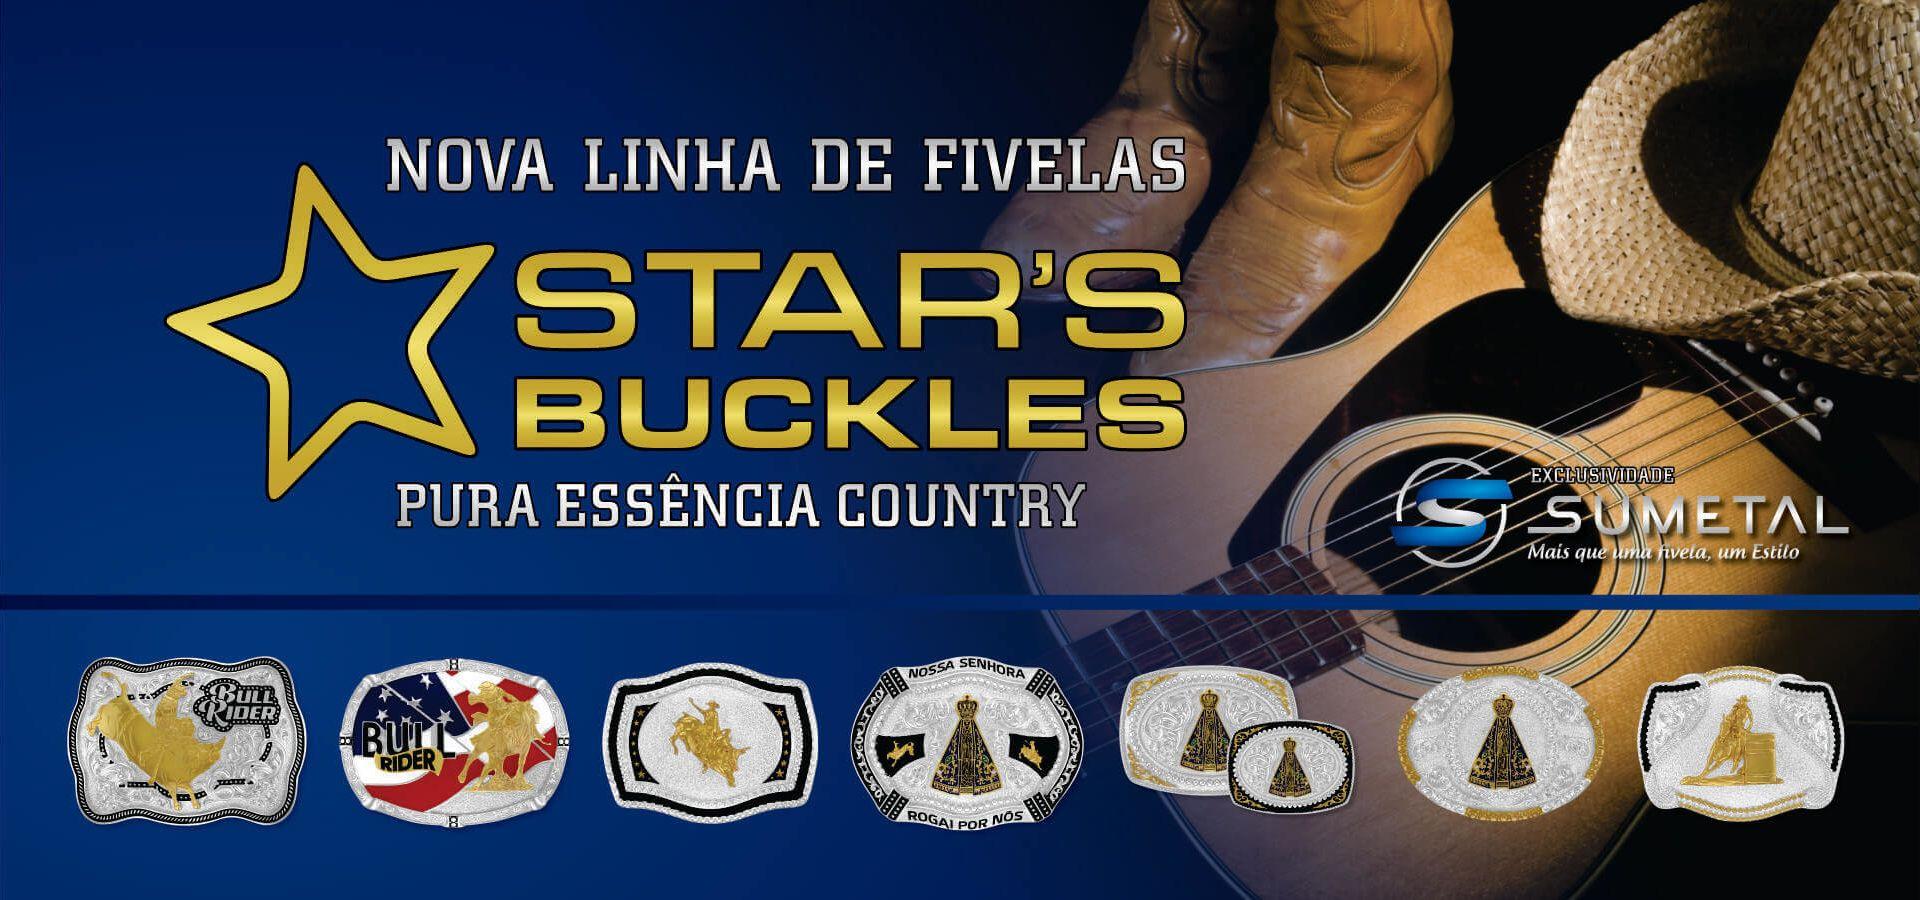 fivelas star's buckles